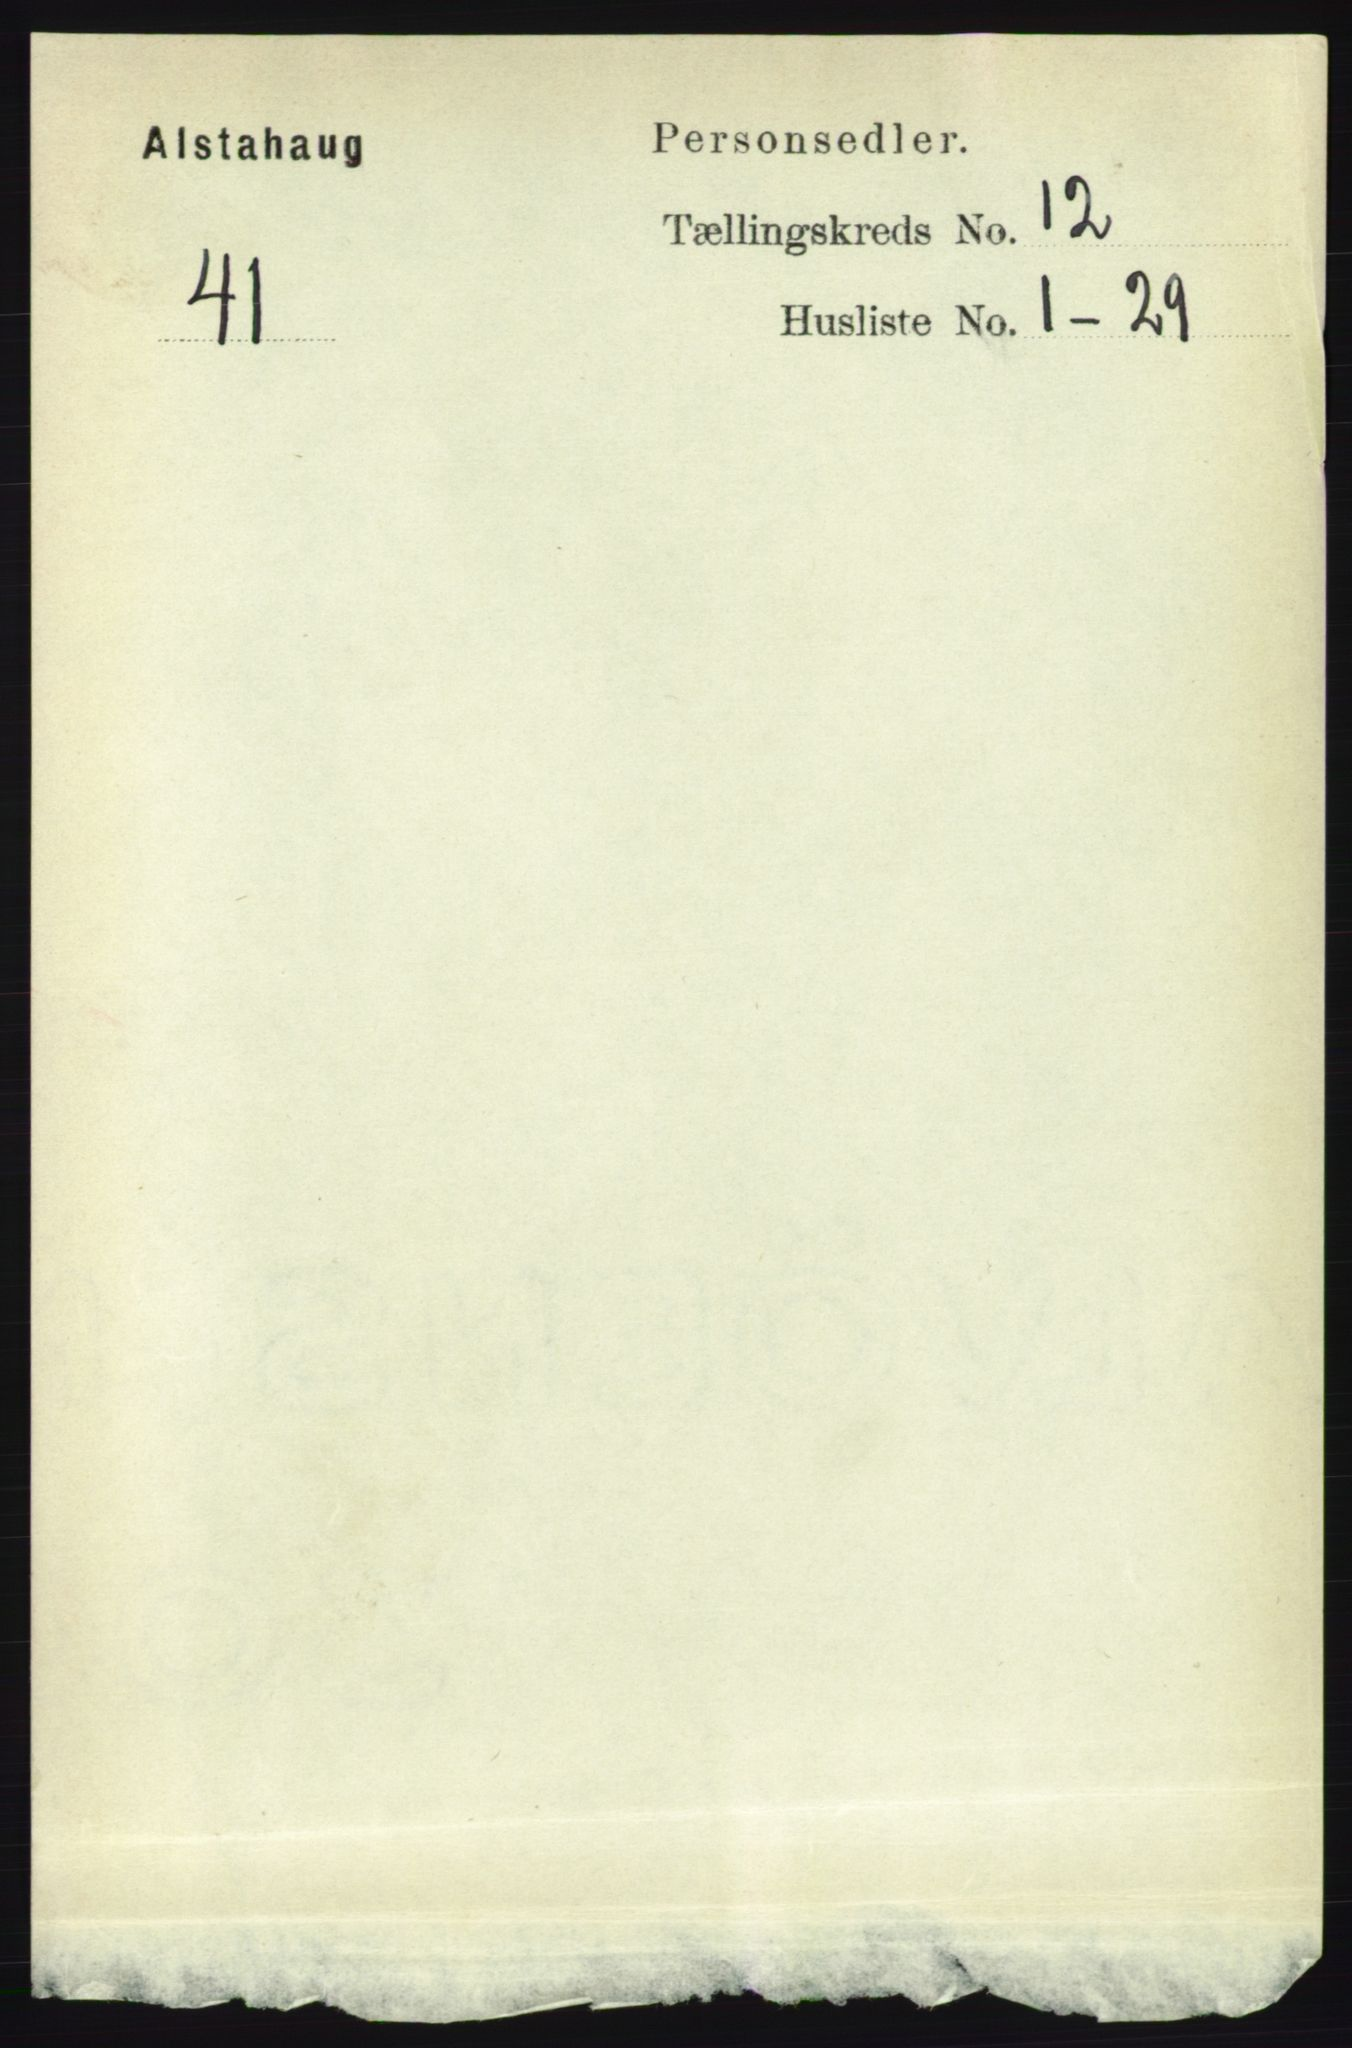 RA, Folketelling 1891 for 1820 Alstahaug herred, 1891, s. 4278